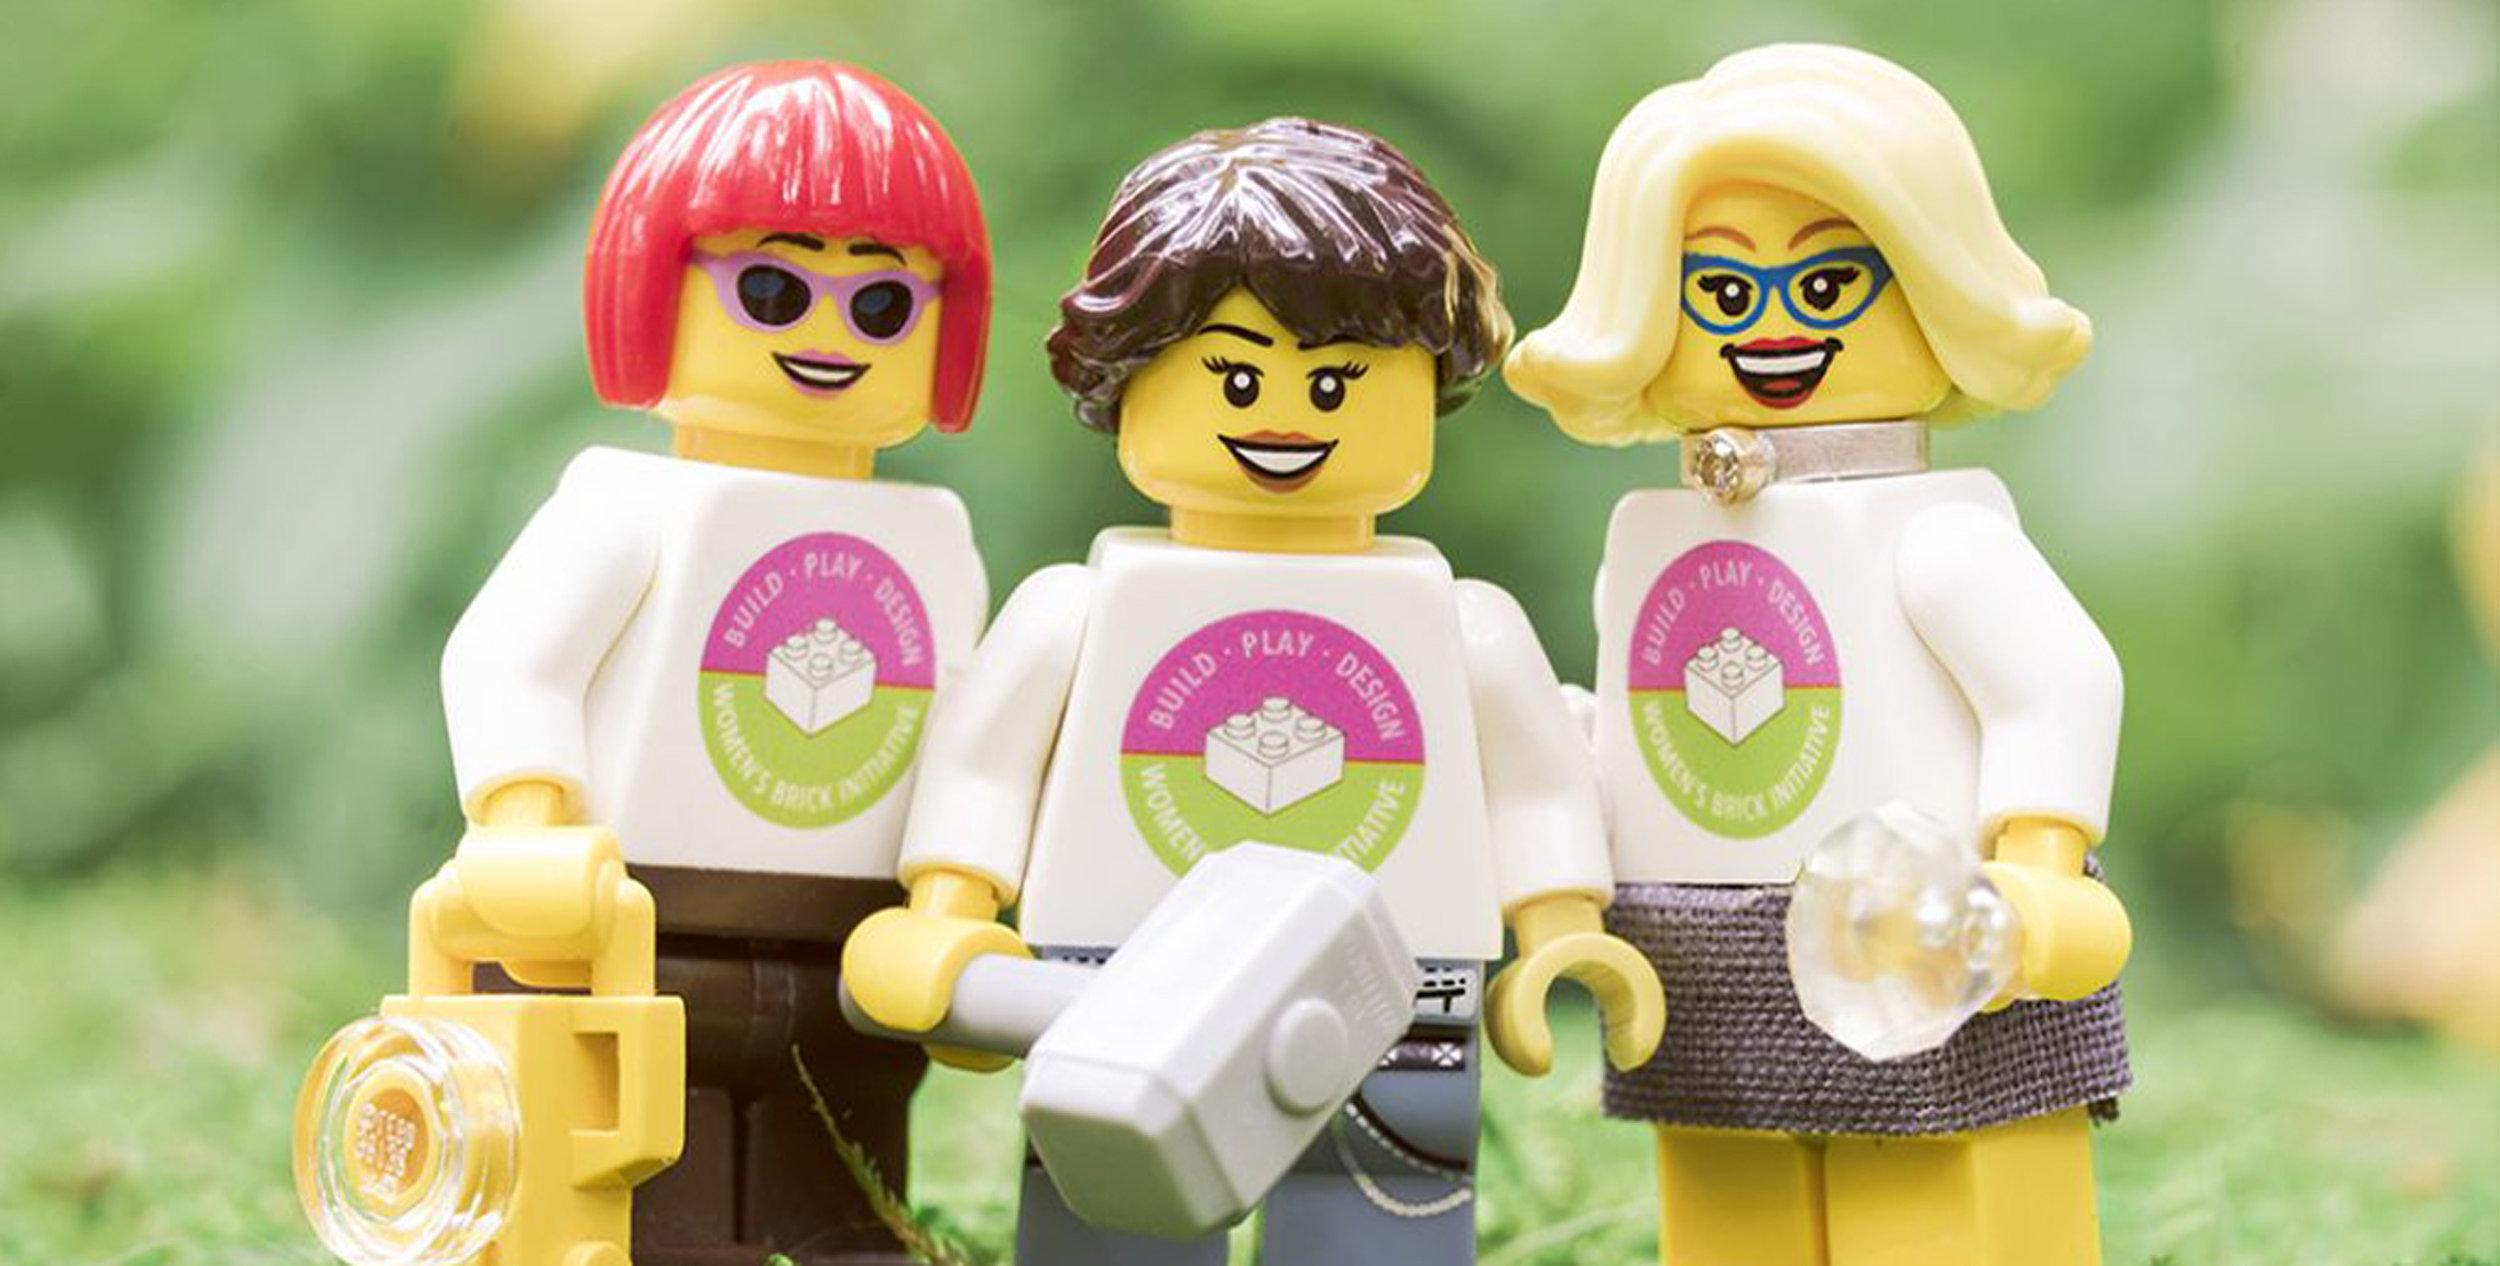 Women's Brick Initiative (WBI)